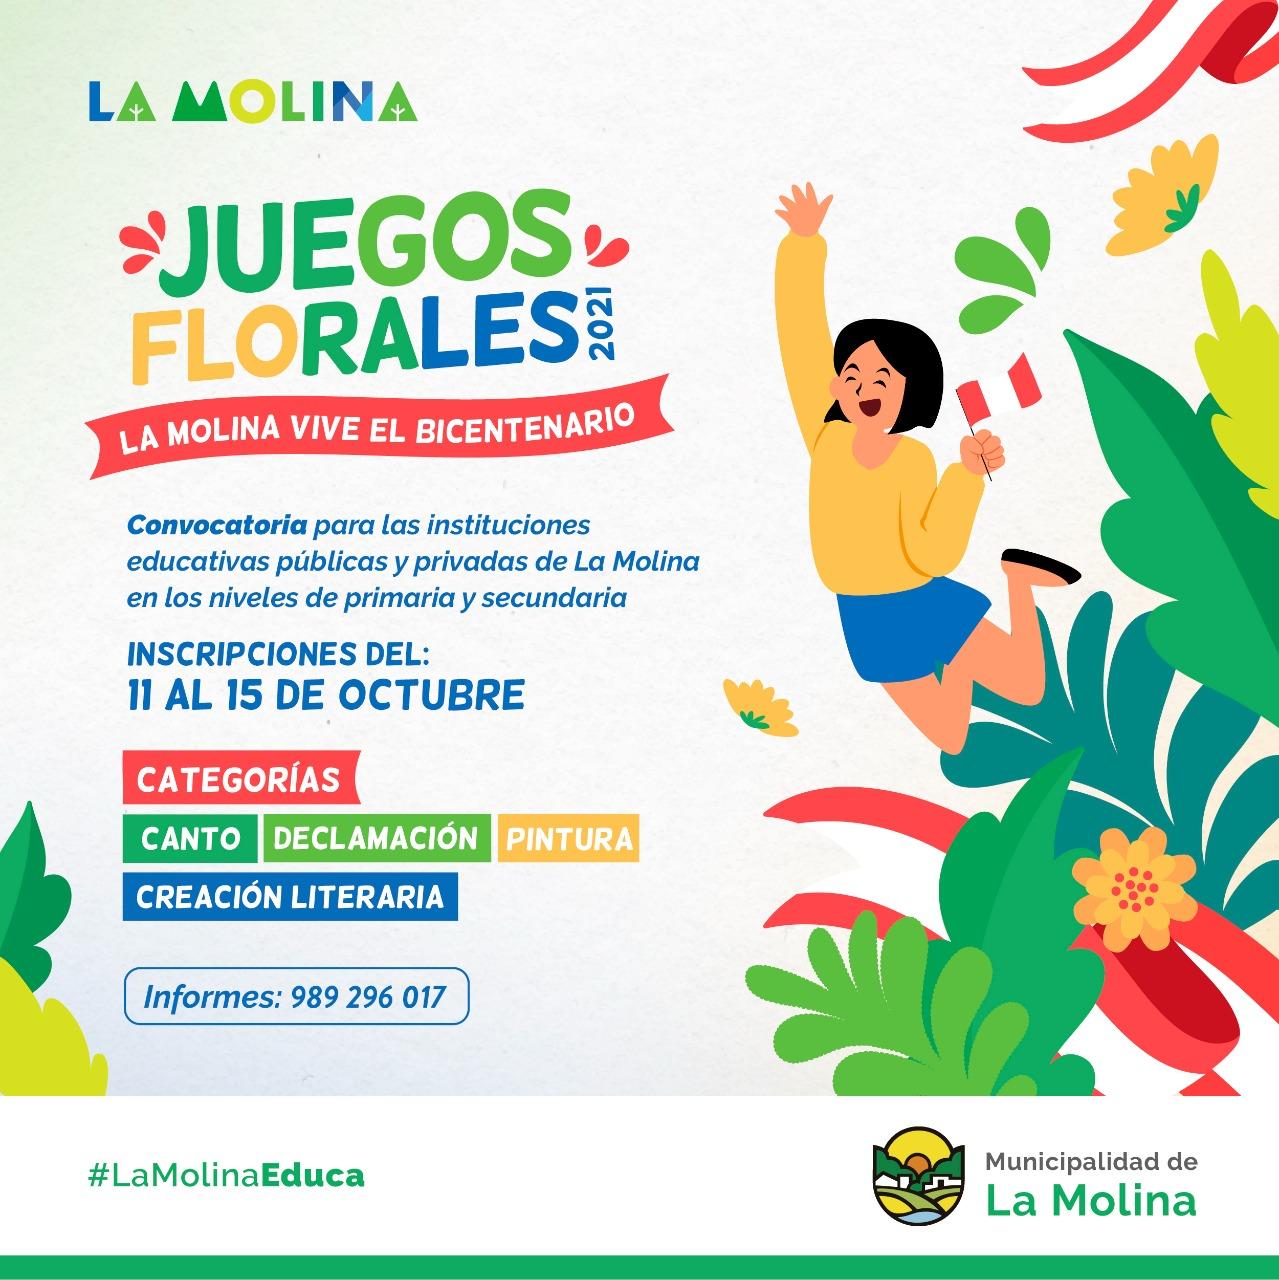 JUEGOS FLORALES DEL BICENTENARIO  Las instituciones educativas del distrito tienen hasta el 15 de octubre para participar en las 4 categorías disponibles.